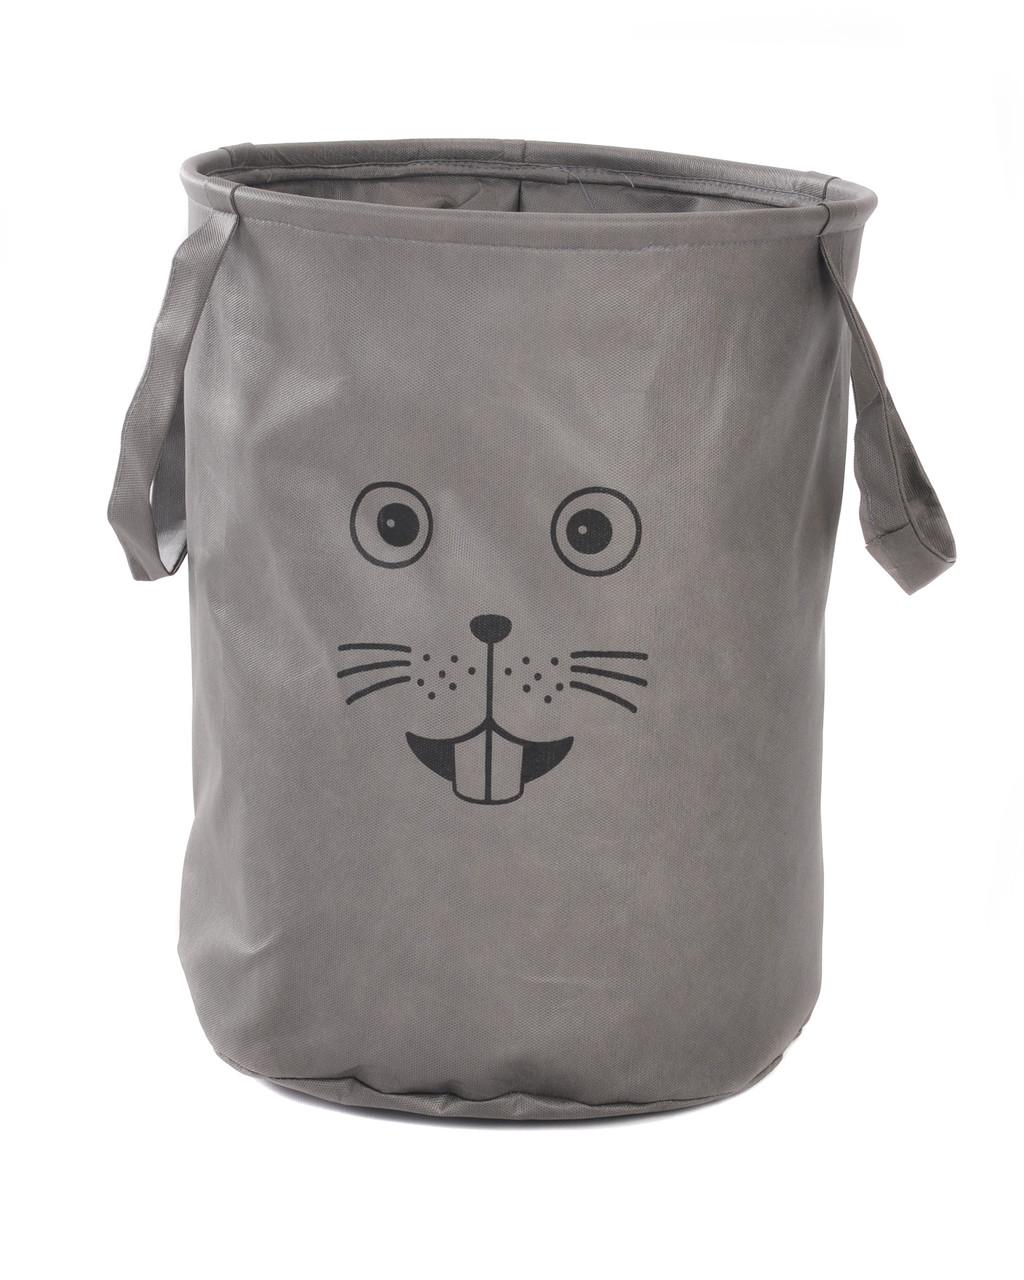 Мешок для хранения игрушек, 35 * 40 см, Зоопарк, Мышь (без крышки)